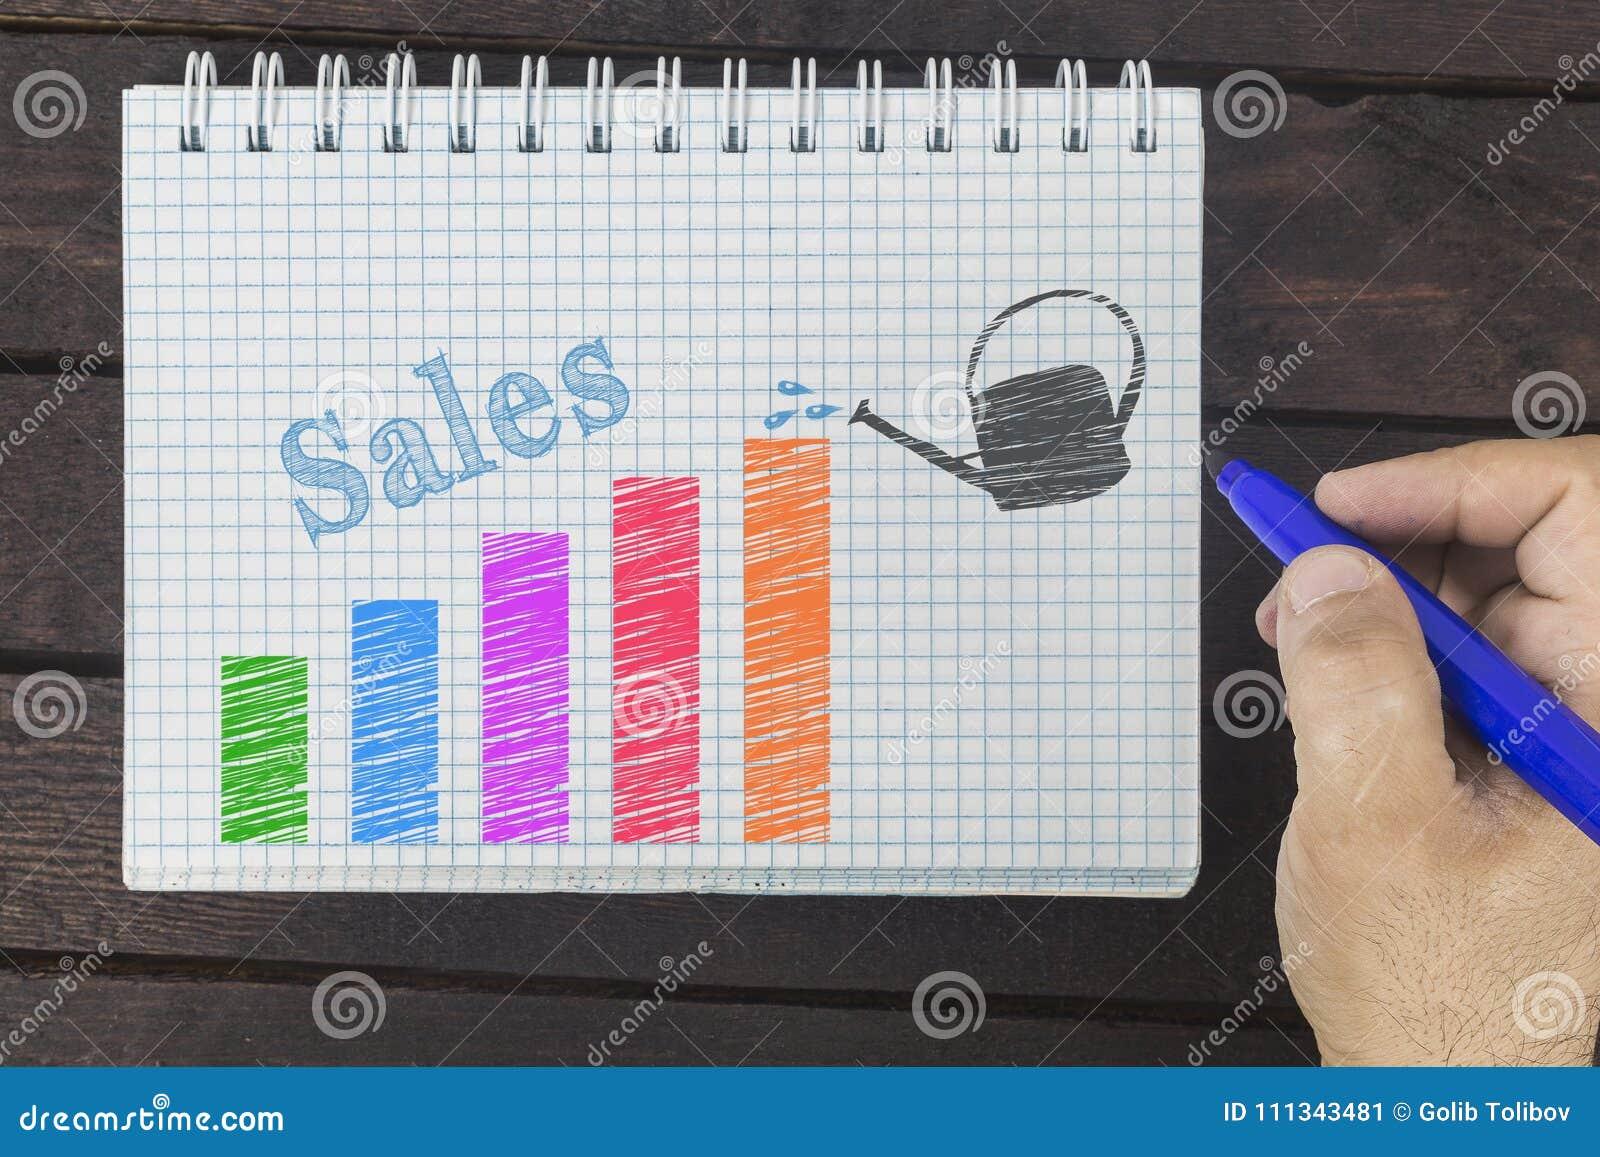 改善企业图表获得增长收入增量的商品经济存在销售额销售额服务 商人销售图画图表